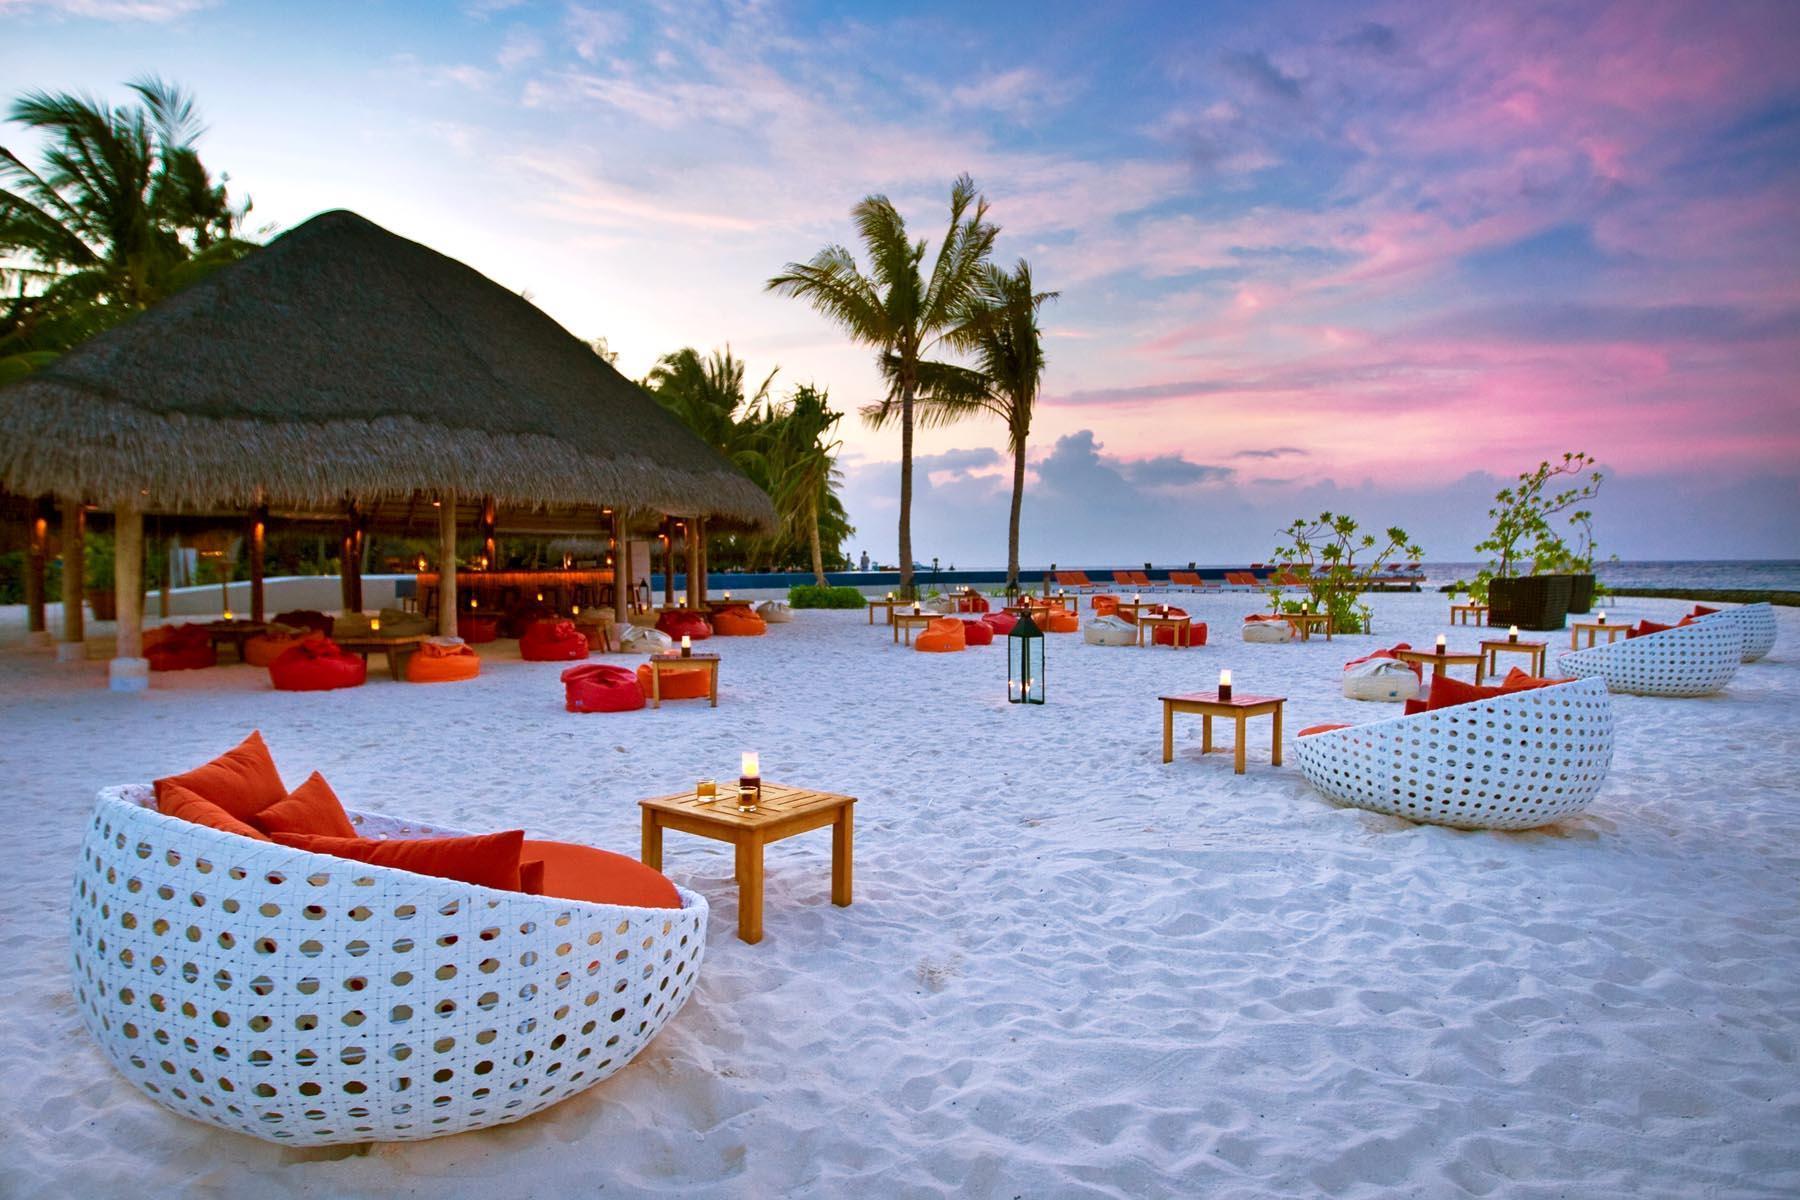 kuramathi-island-maldives-genel-0013